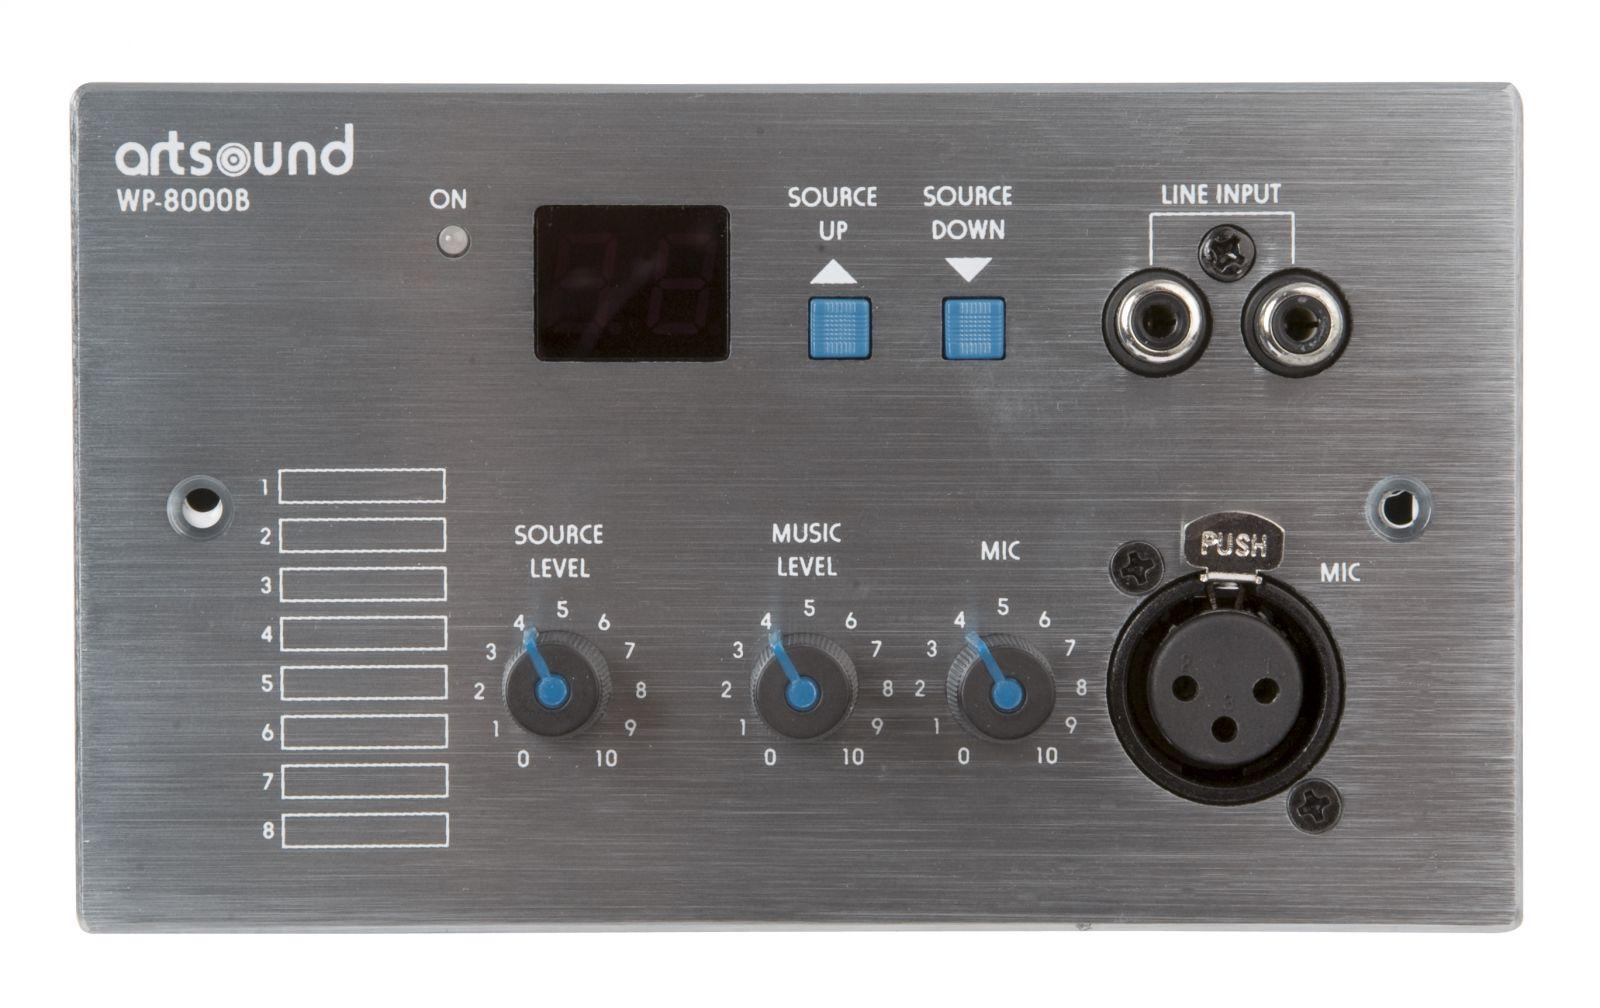 WP-8000B